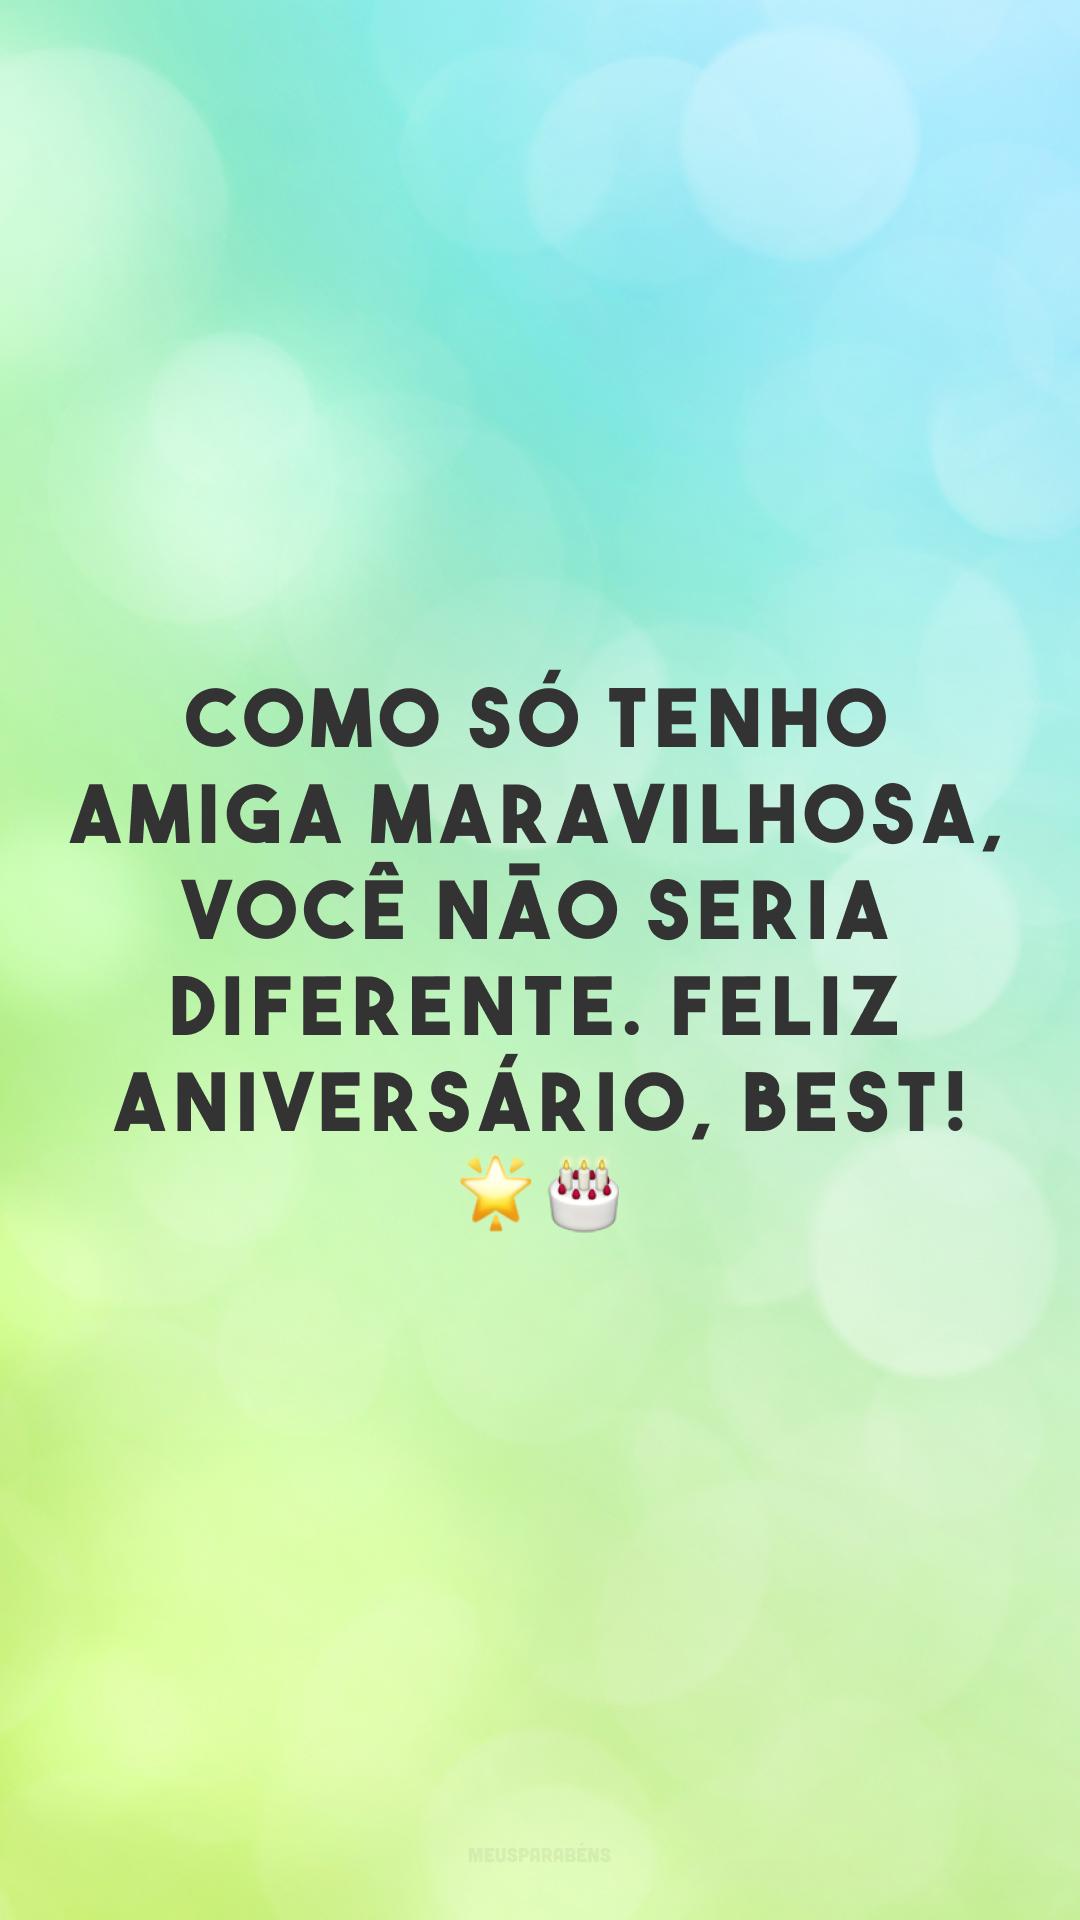 Como só tenho amiga maravilhosa, você não seria diferente. Feliz aniversário, best! Você é tudo na minha vida e só desejo que você encontre a felicidade todos os dias! 🌟🎂